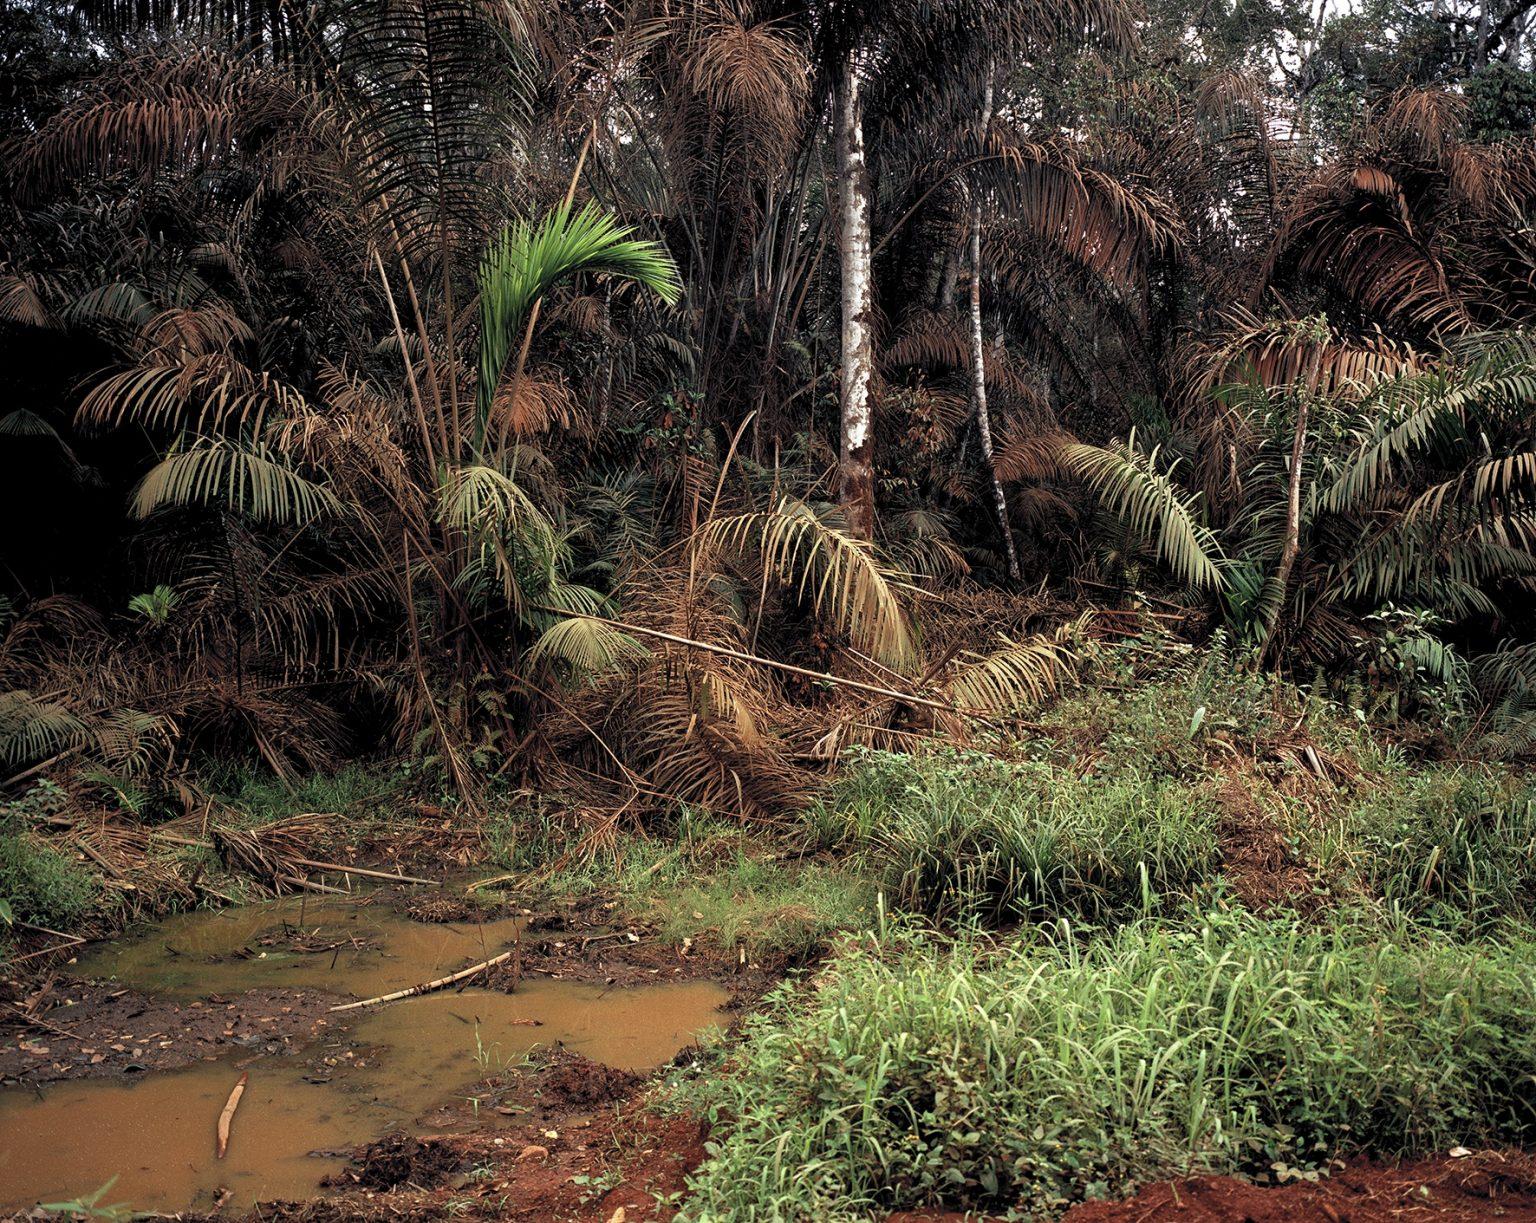 Sumpfwald, Kamerun 2016